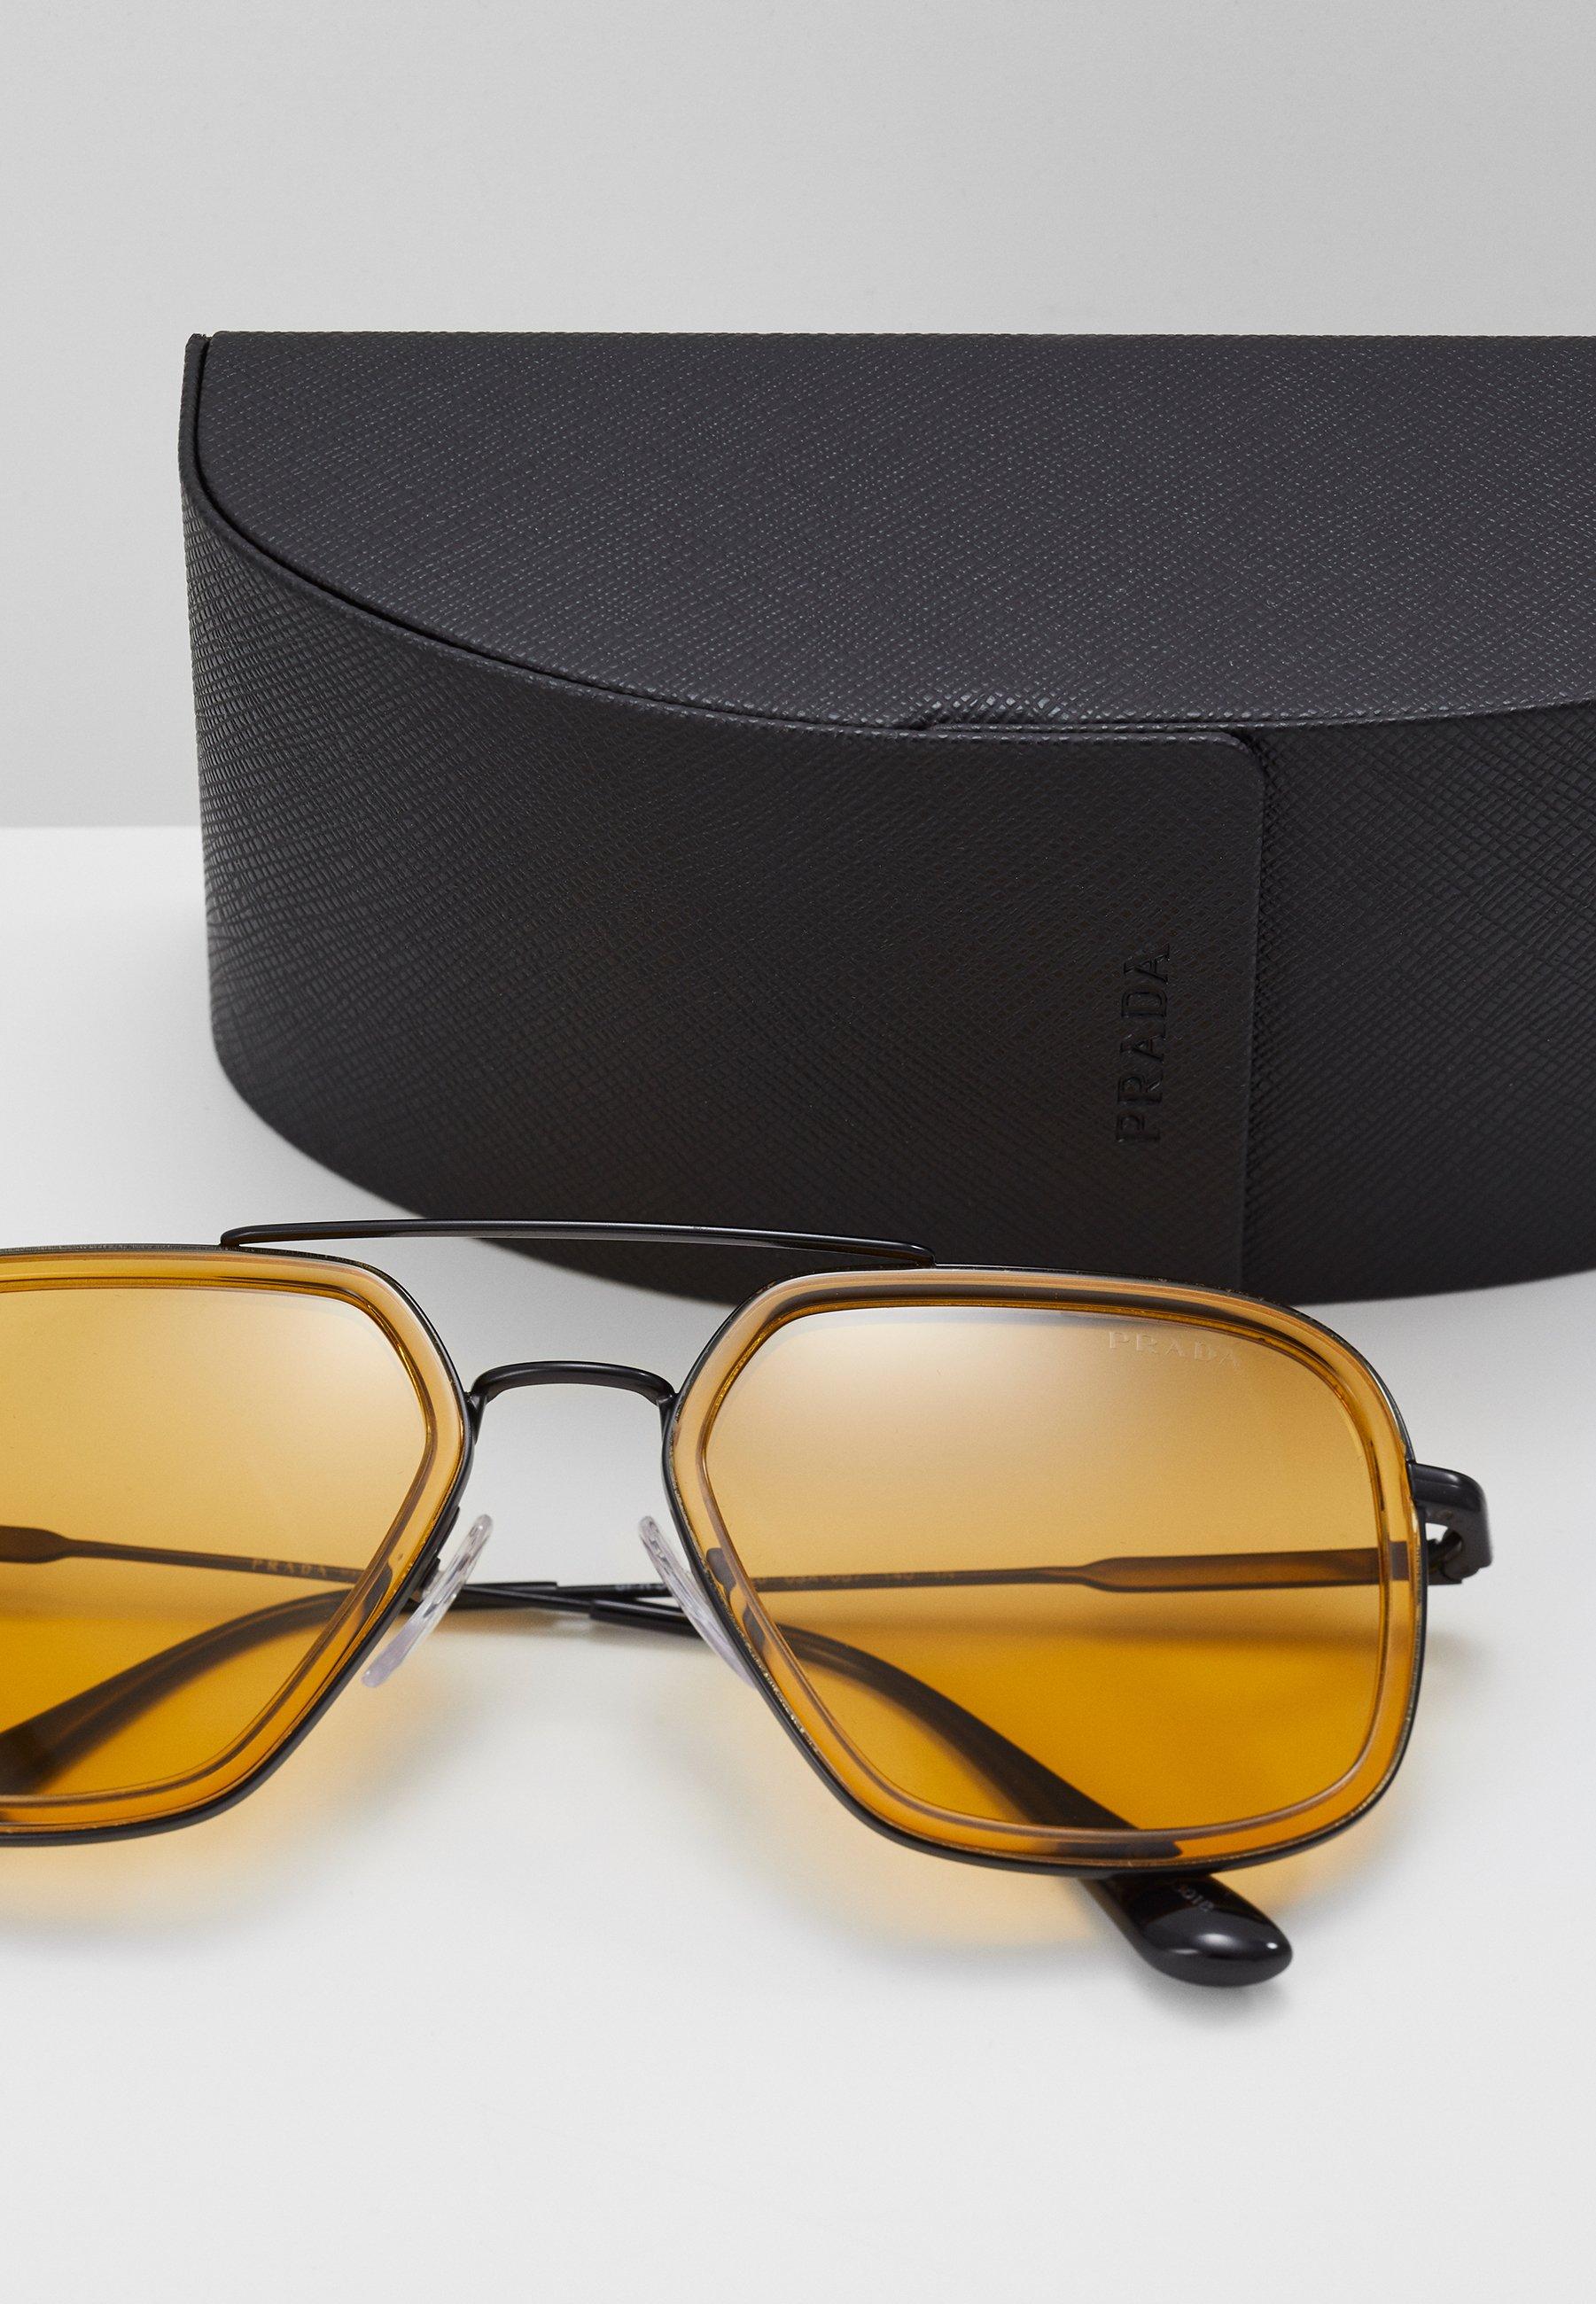 Prada Solbriller - yellow/black/gul WL40tBH1fuFn1z7